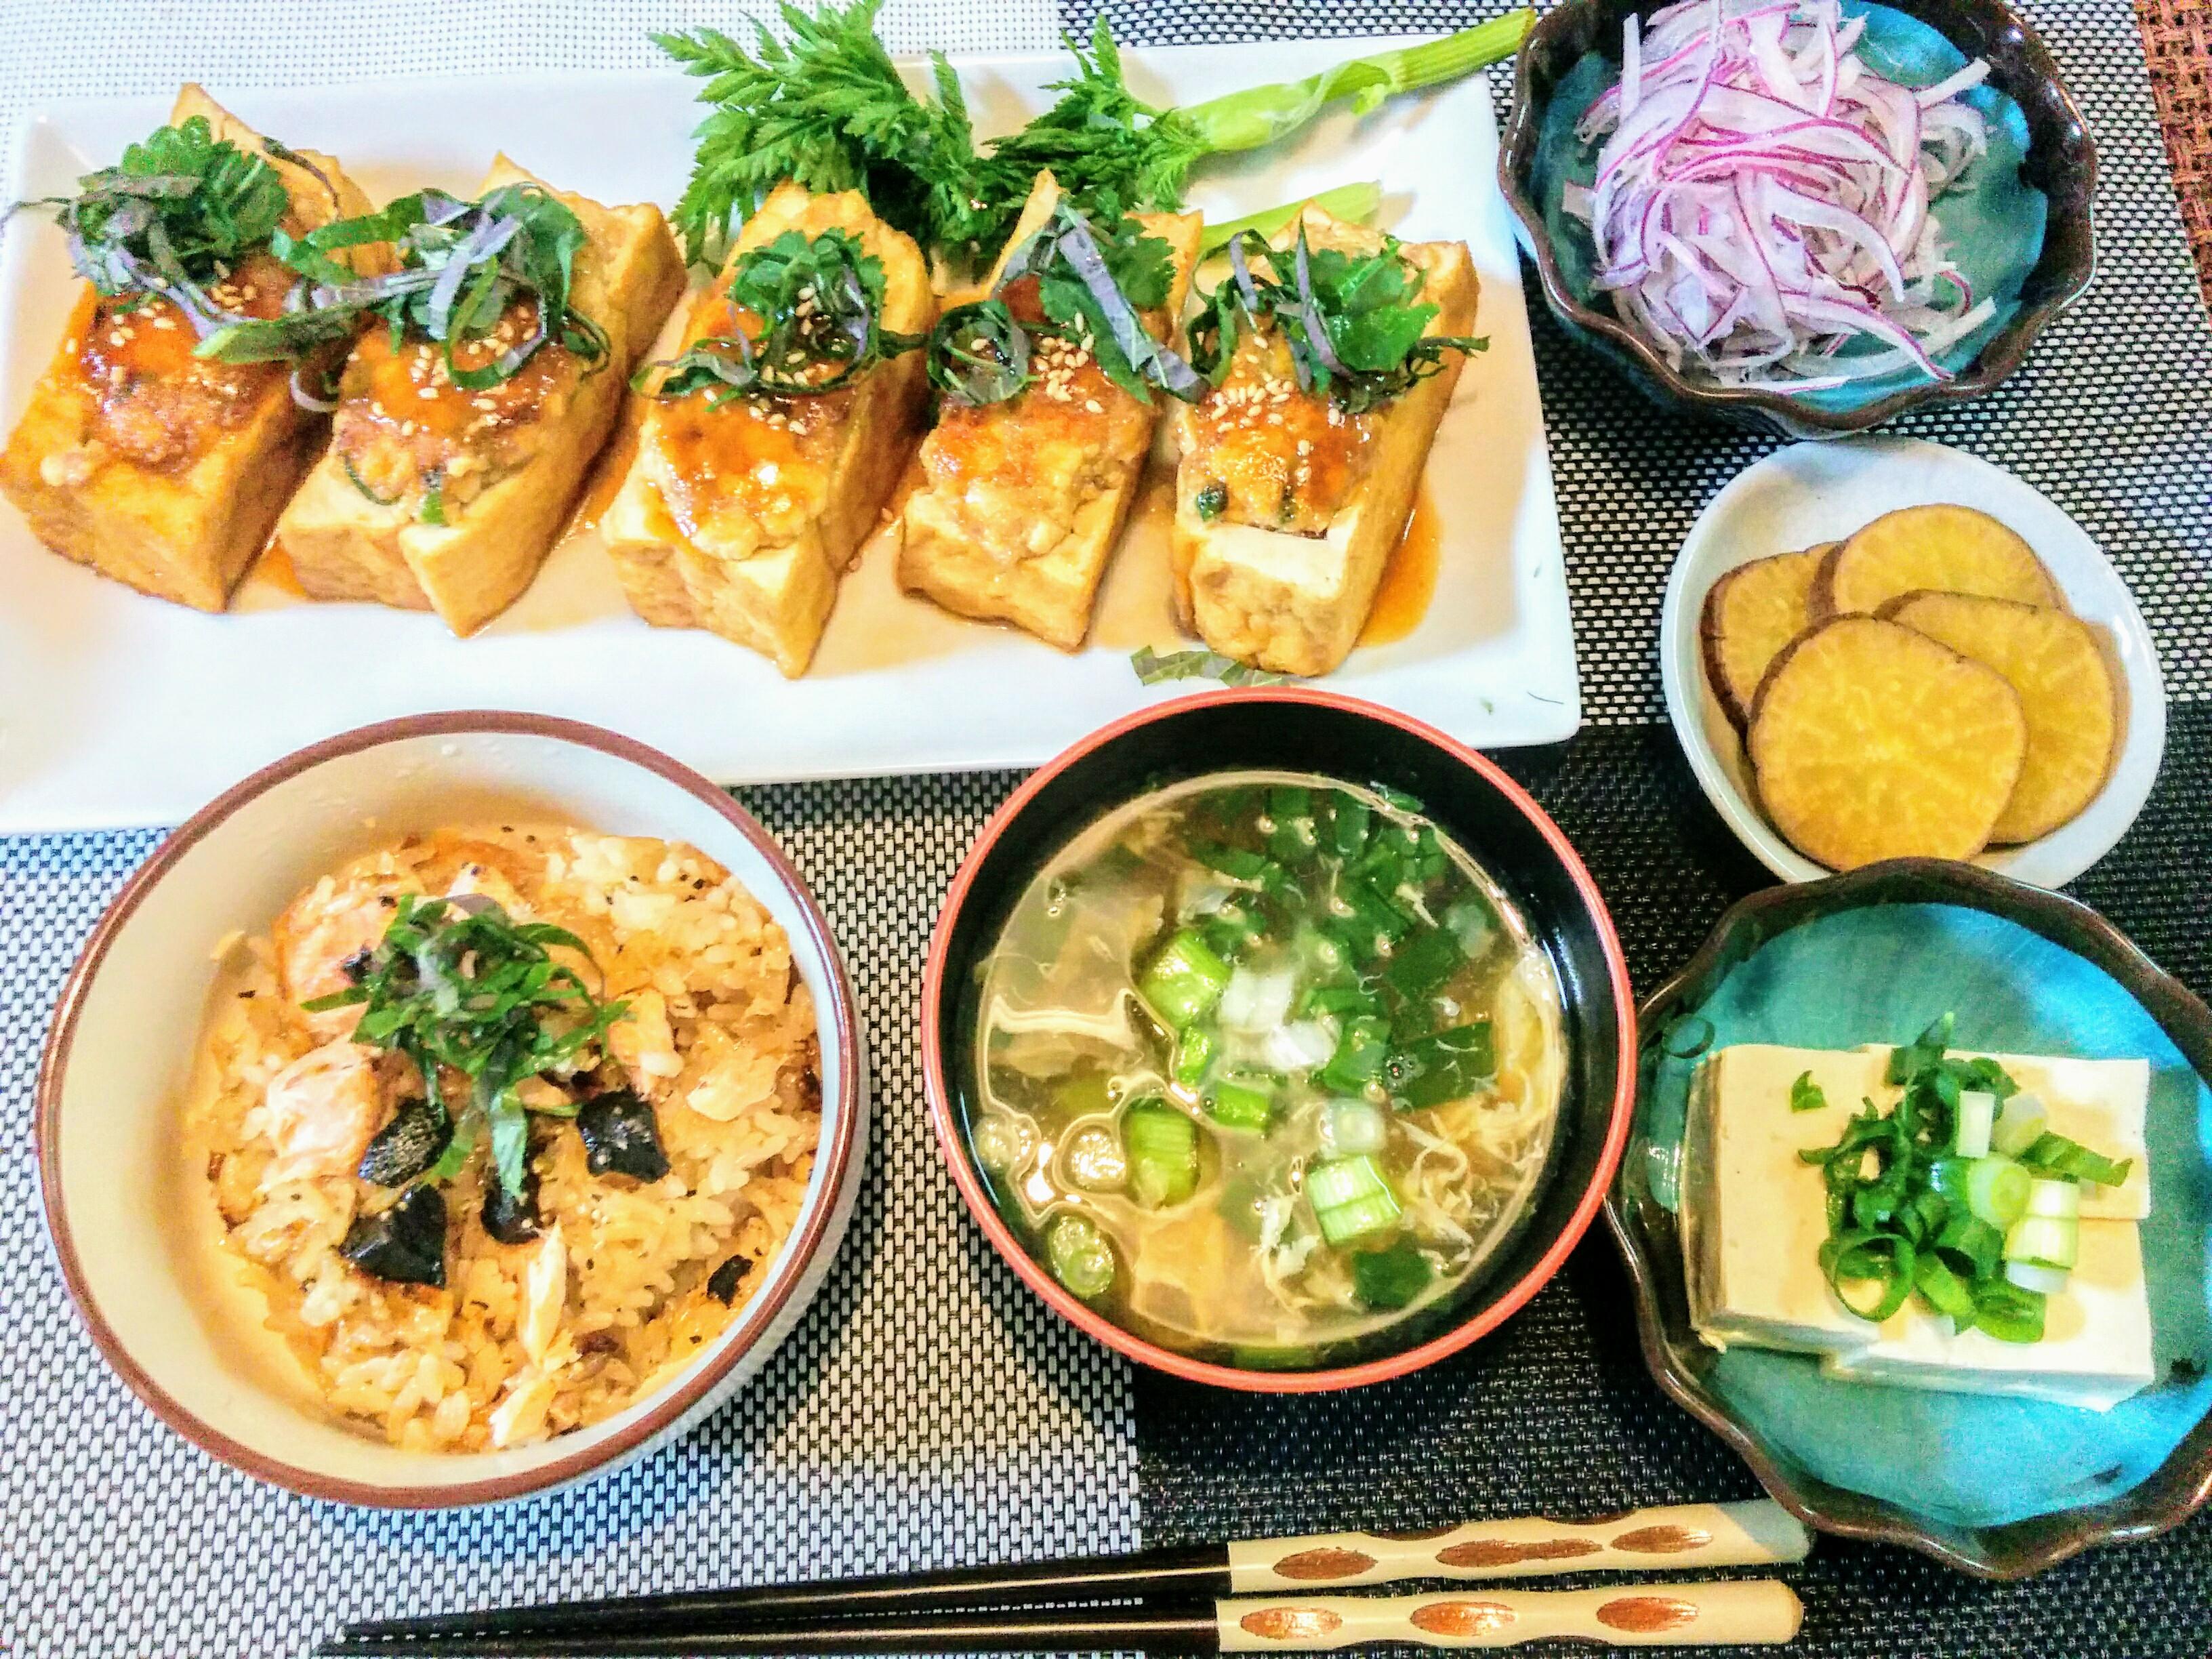 【小樽】お家御飯・鮭の黒ニンニクバター醤油炊き込みご飯グルメ案内です。